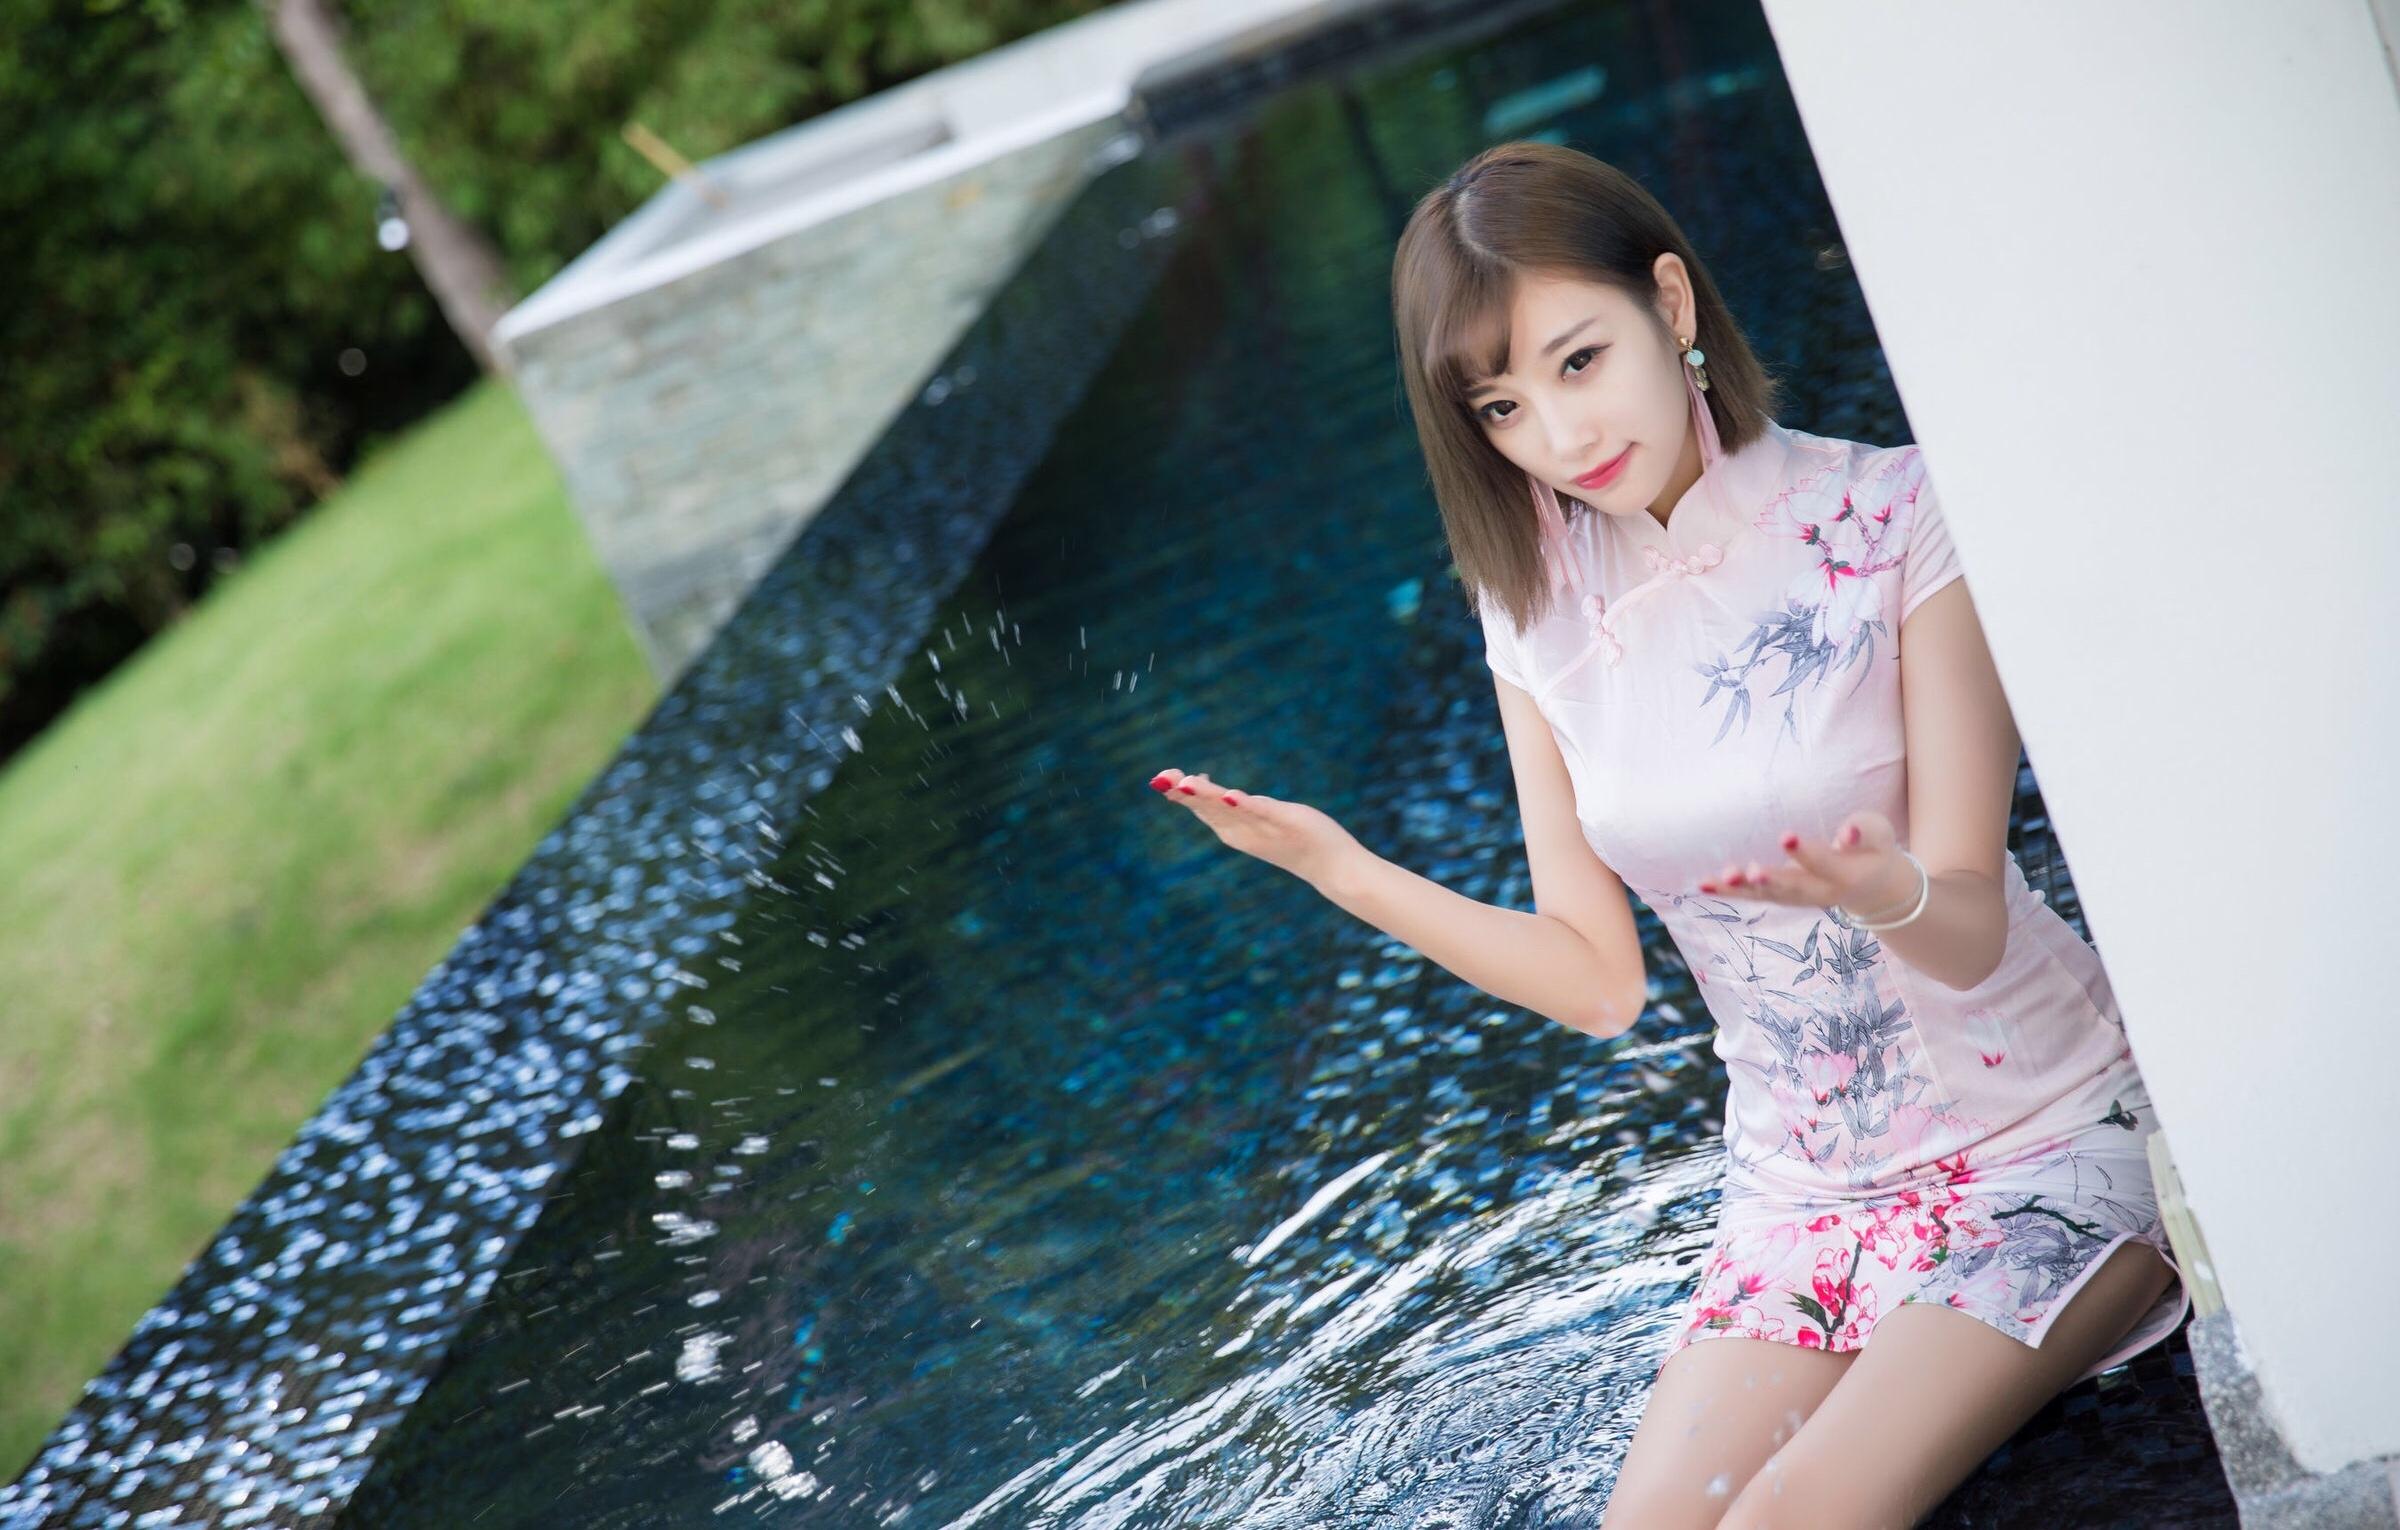 台湾美女sugarの色気のあるチャイナドレス姿 14